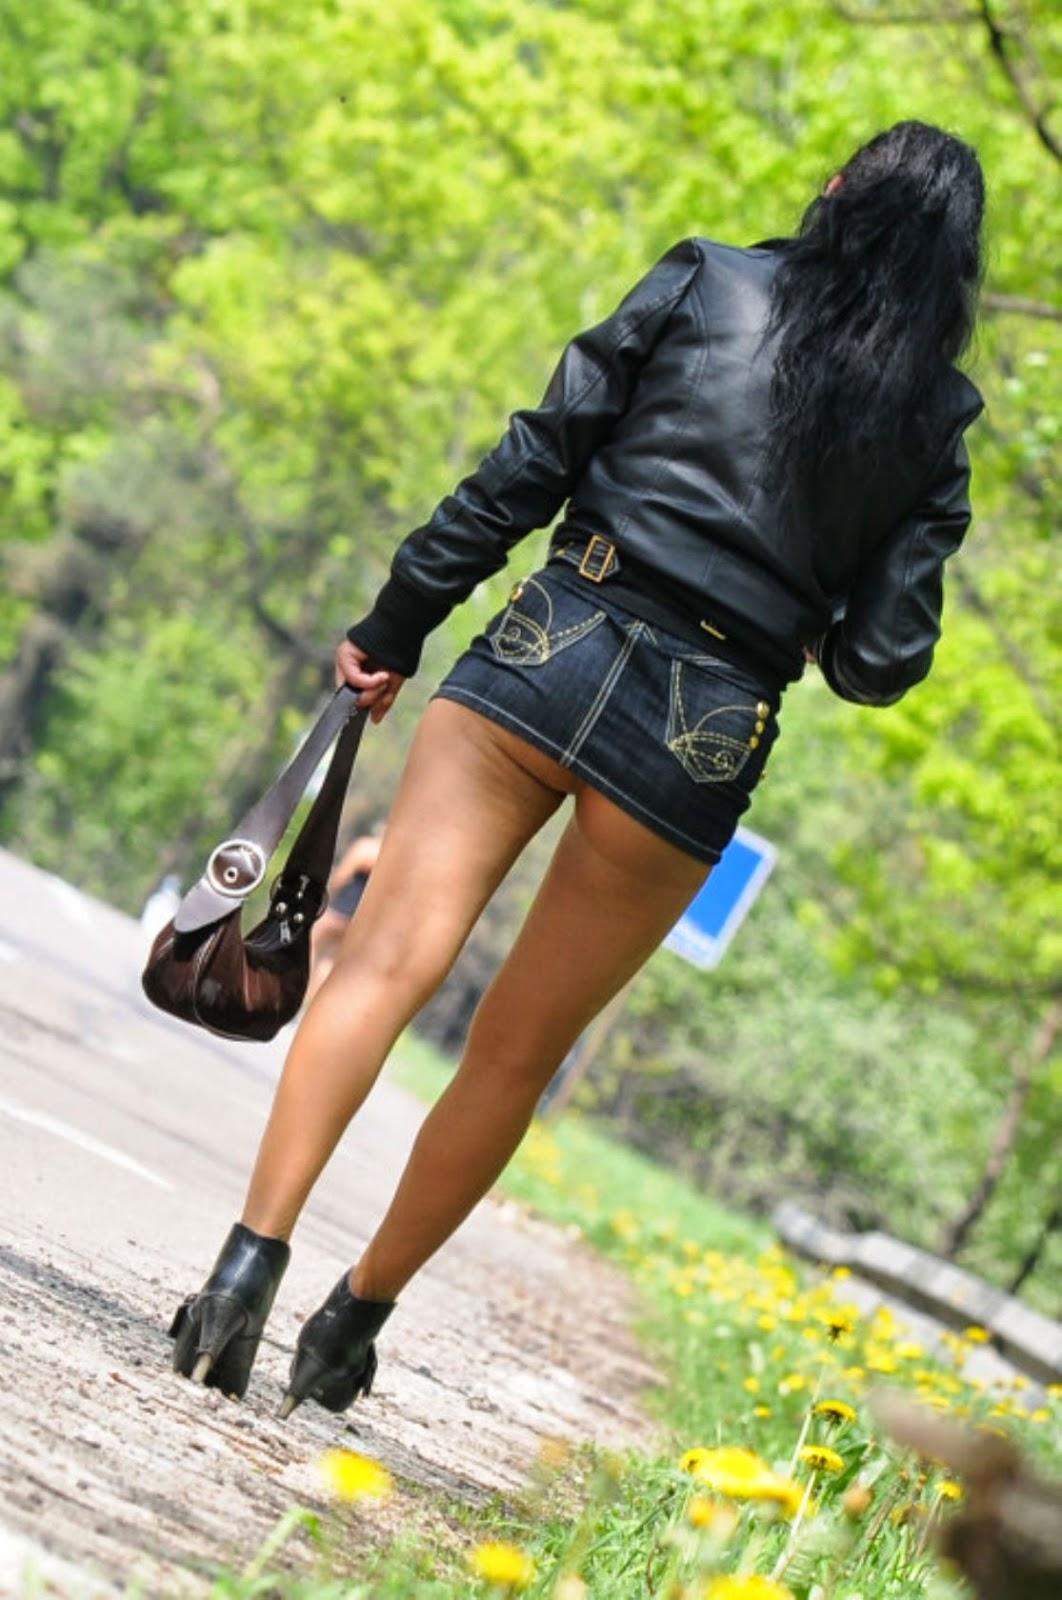 prostitutas sabadell juegos de vestir a prostitutas